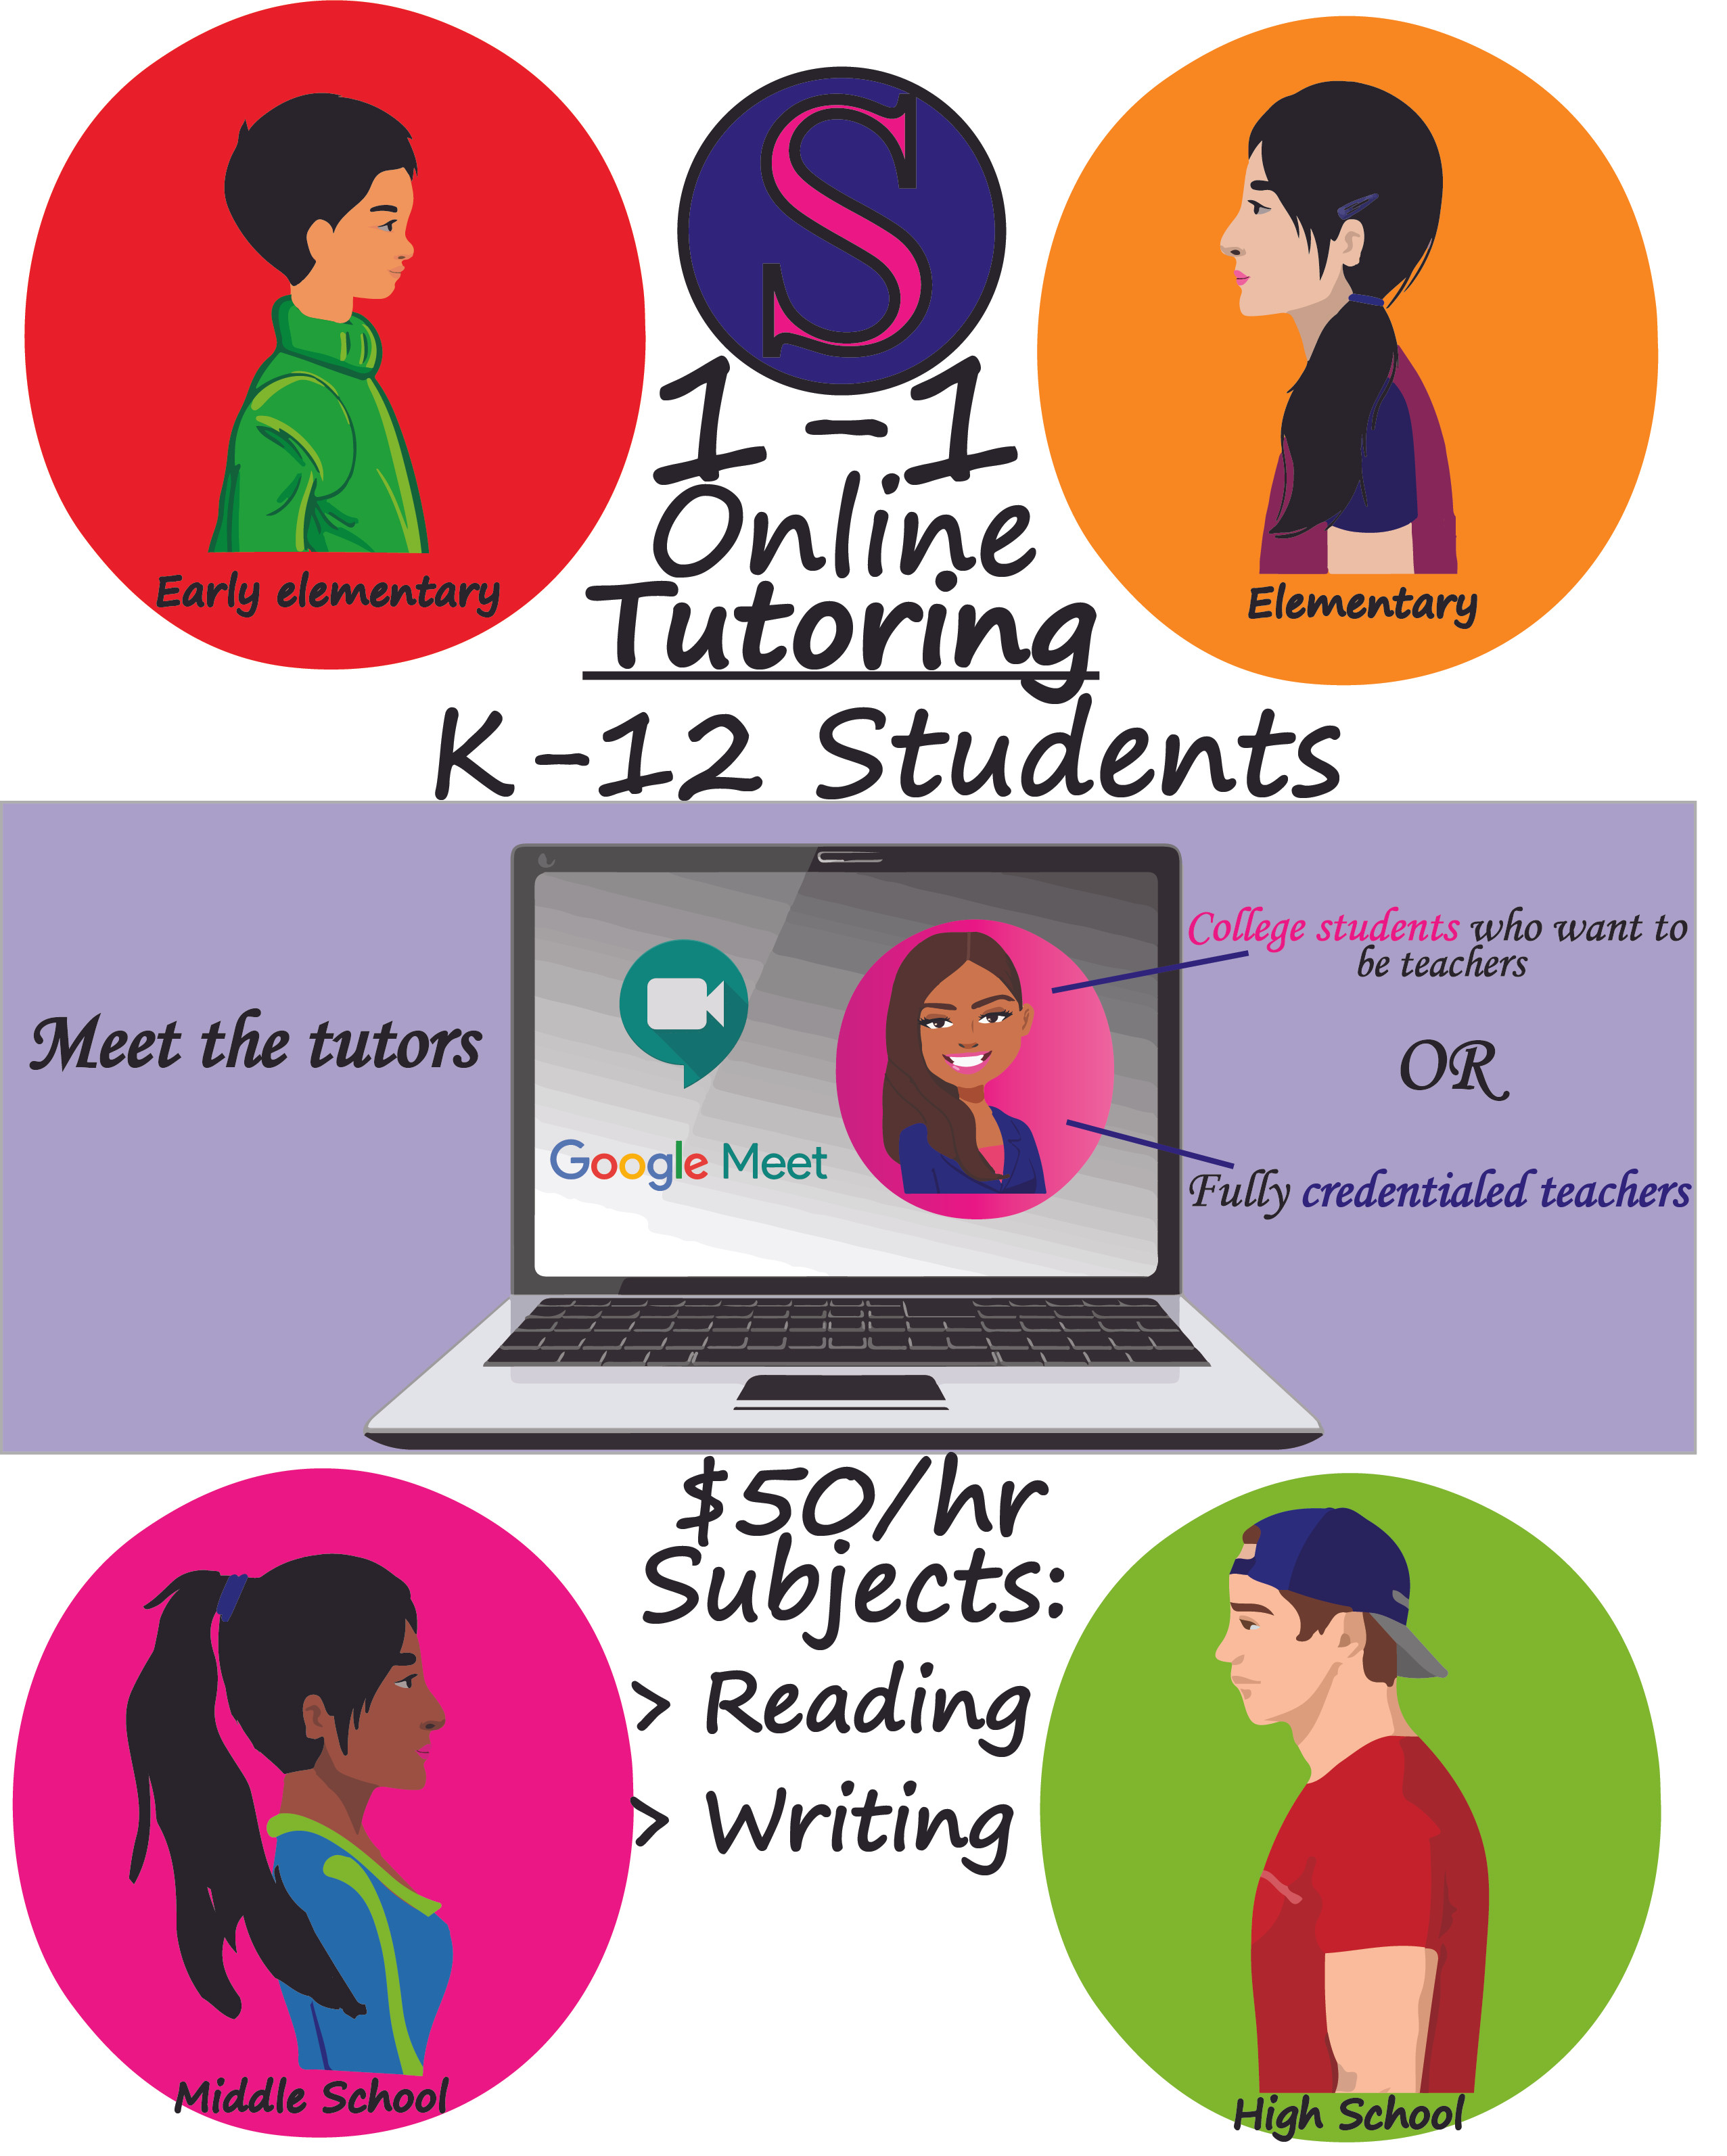 1-1 Online Tutoring K-12 Reading/Writing